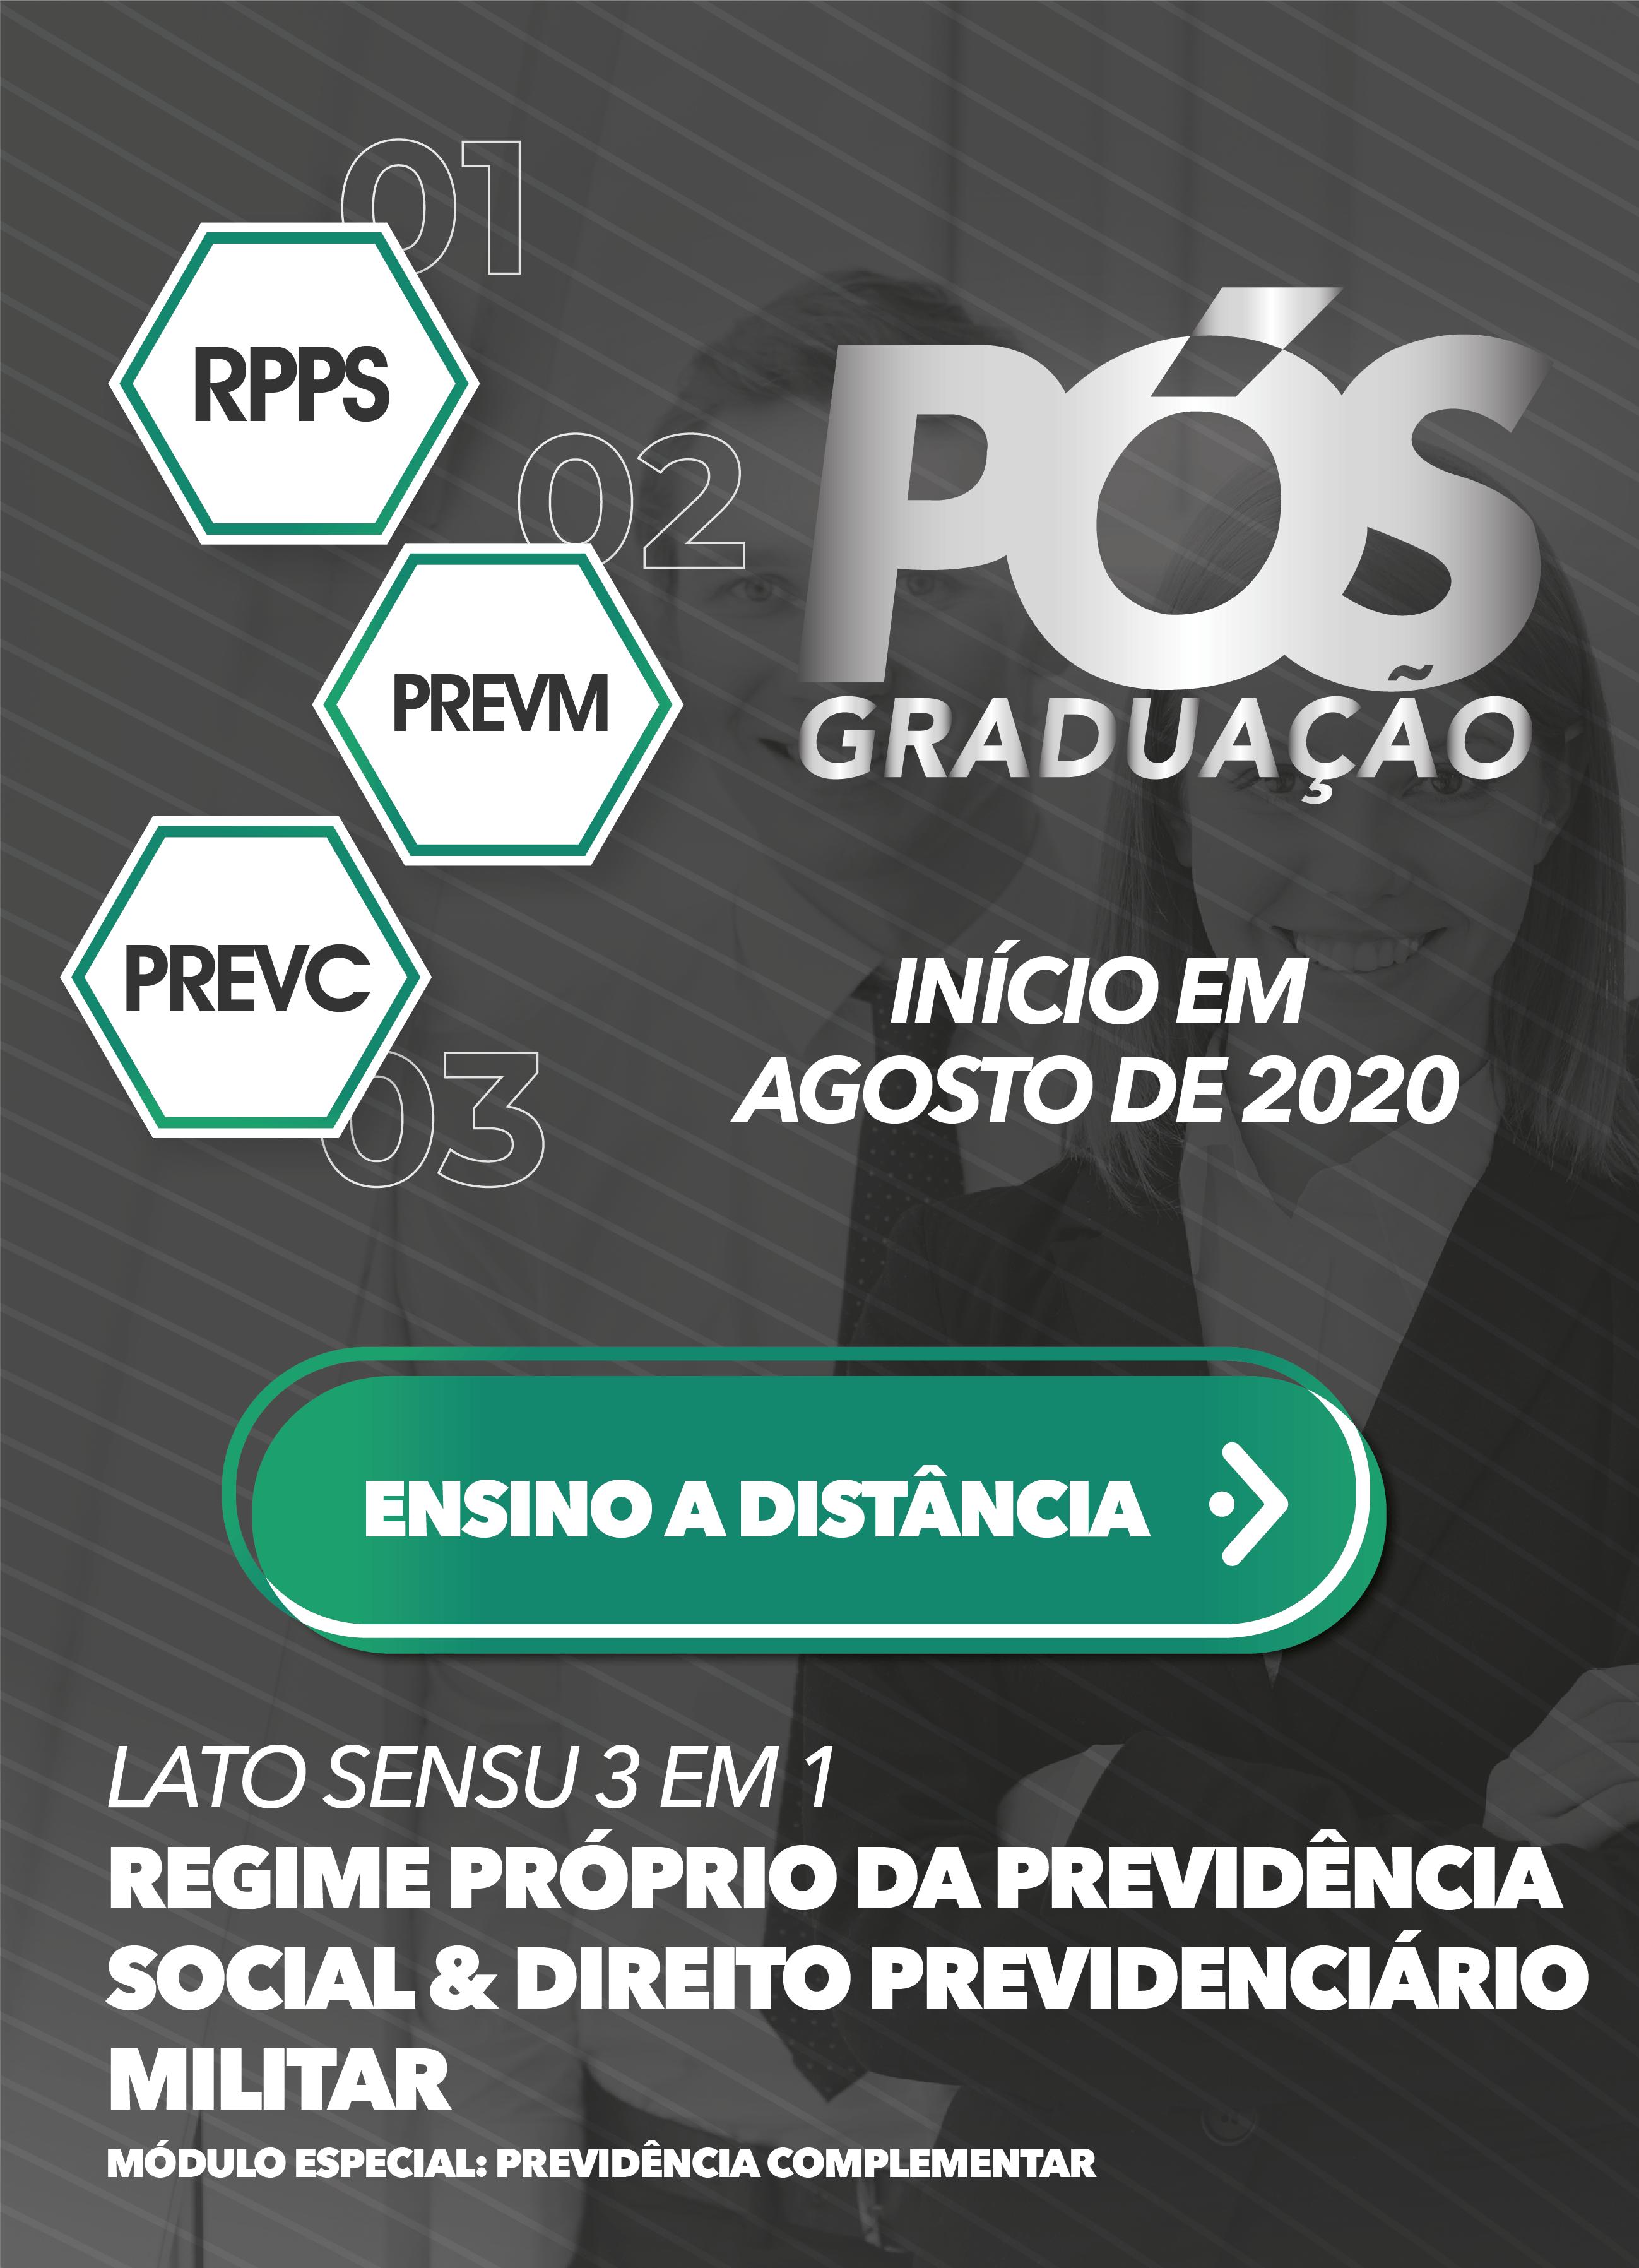 2020.2 - EAD - 3 em 1 | RPPS & DIREITO PREVIDENCIARIO MILITAR